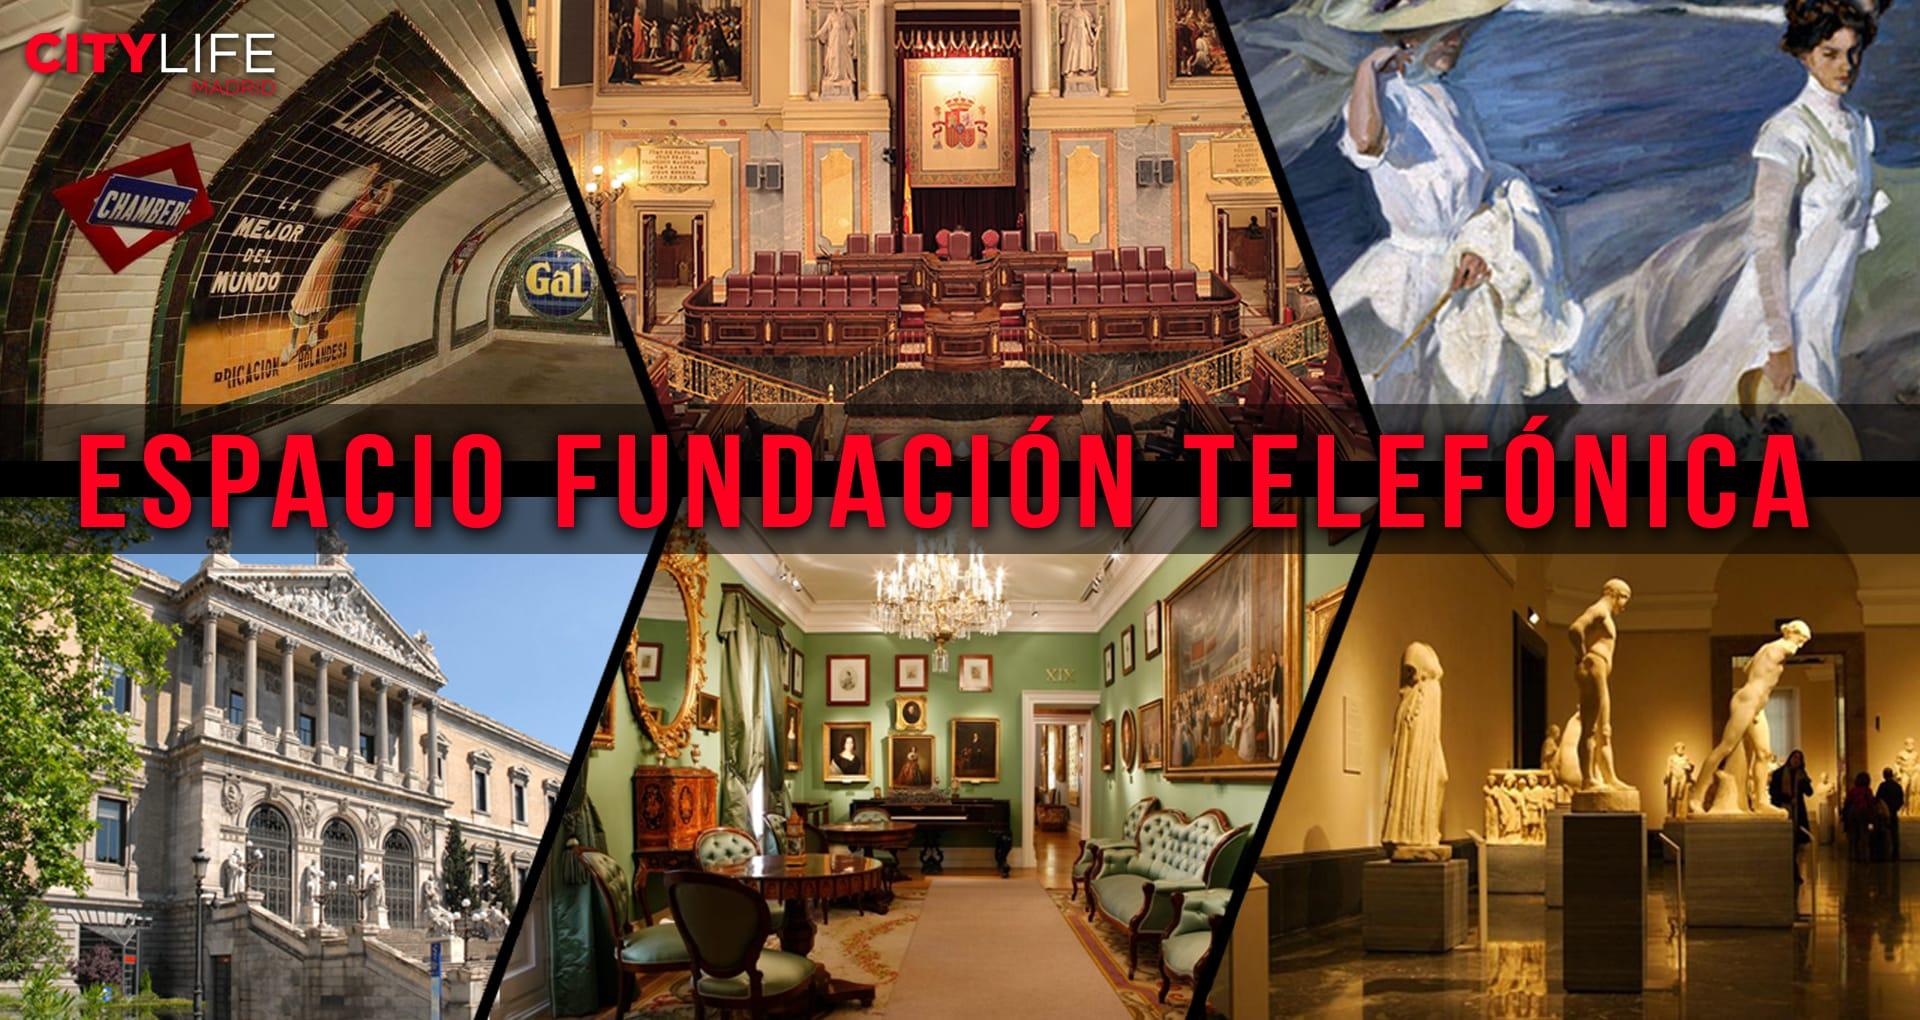 Free Exhibit Tour: Espacio Fundación Telefonica - Historia de las Comunicaciones